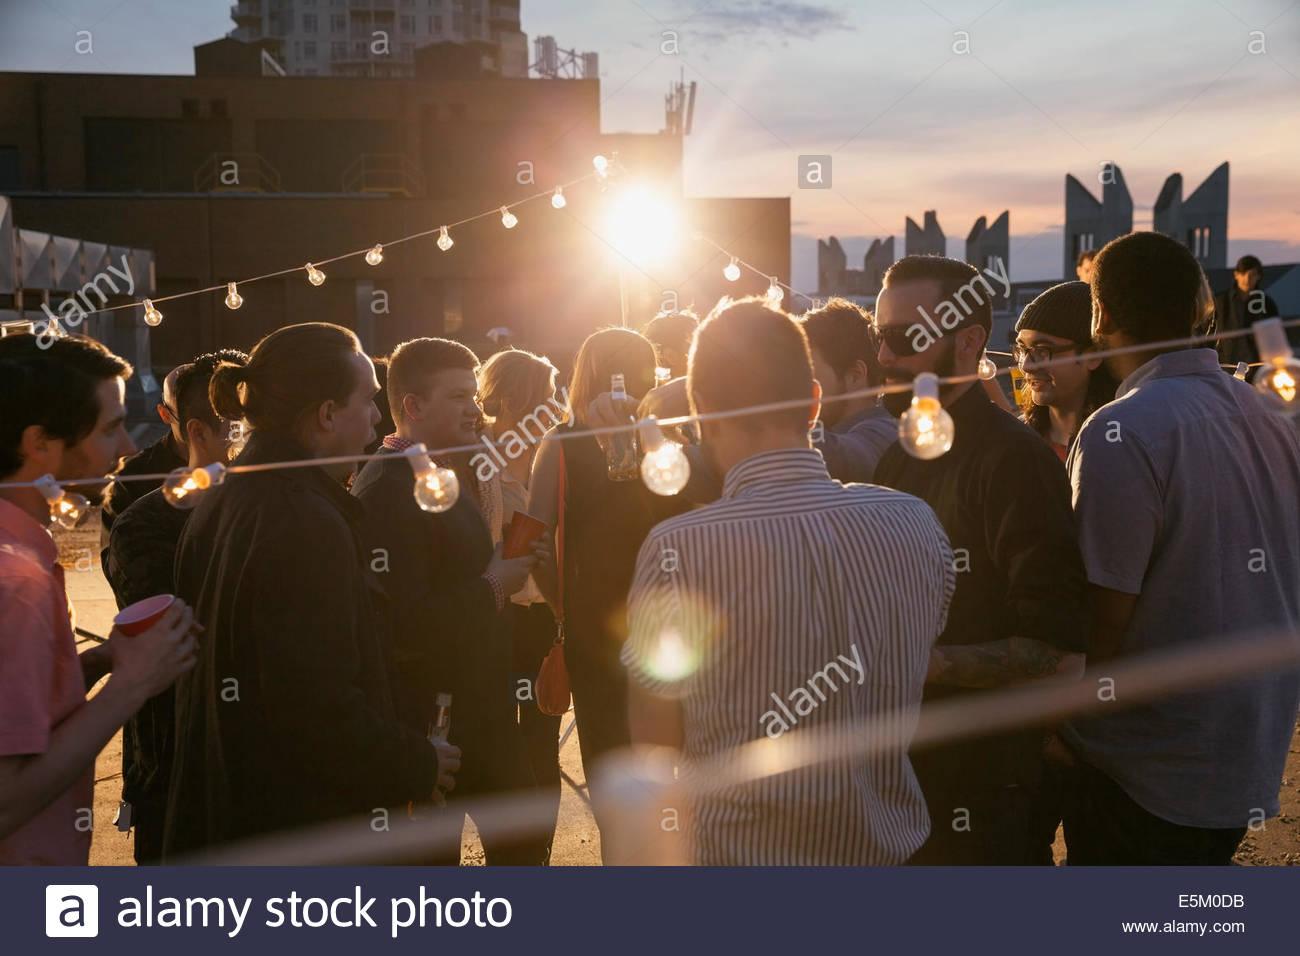 Lichterkette über Masse auf Party auf dem Dach Stockbild